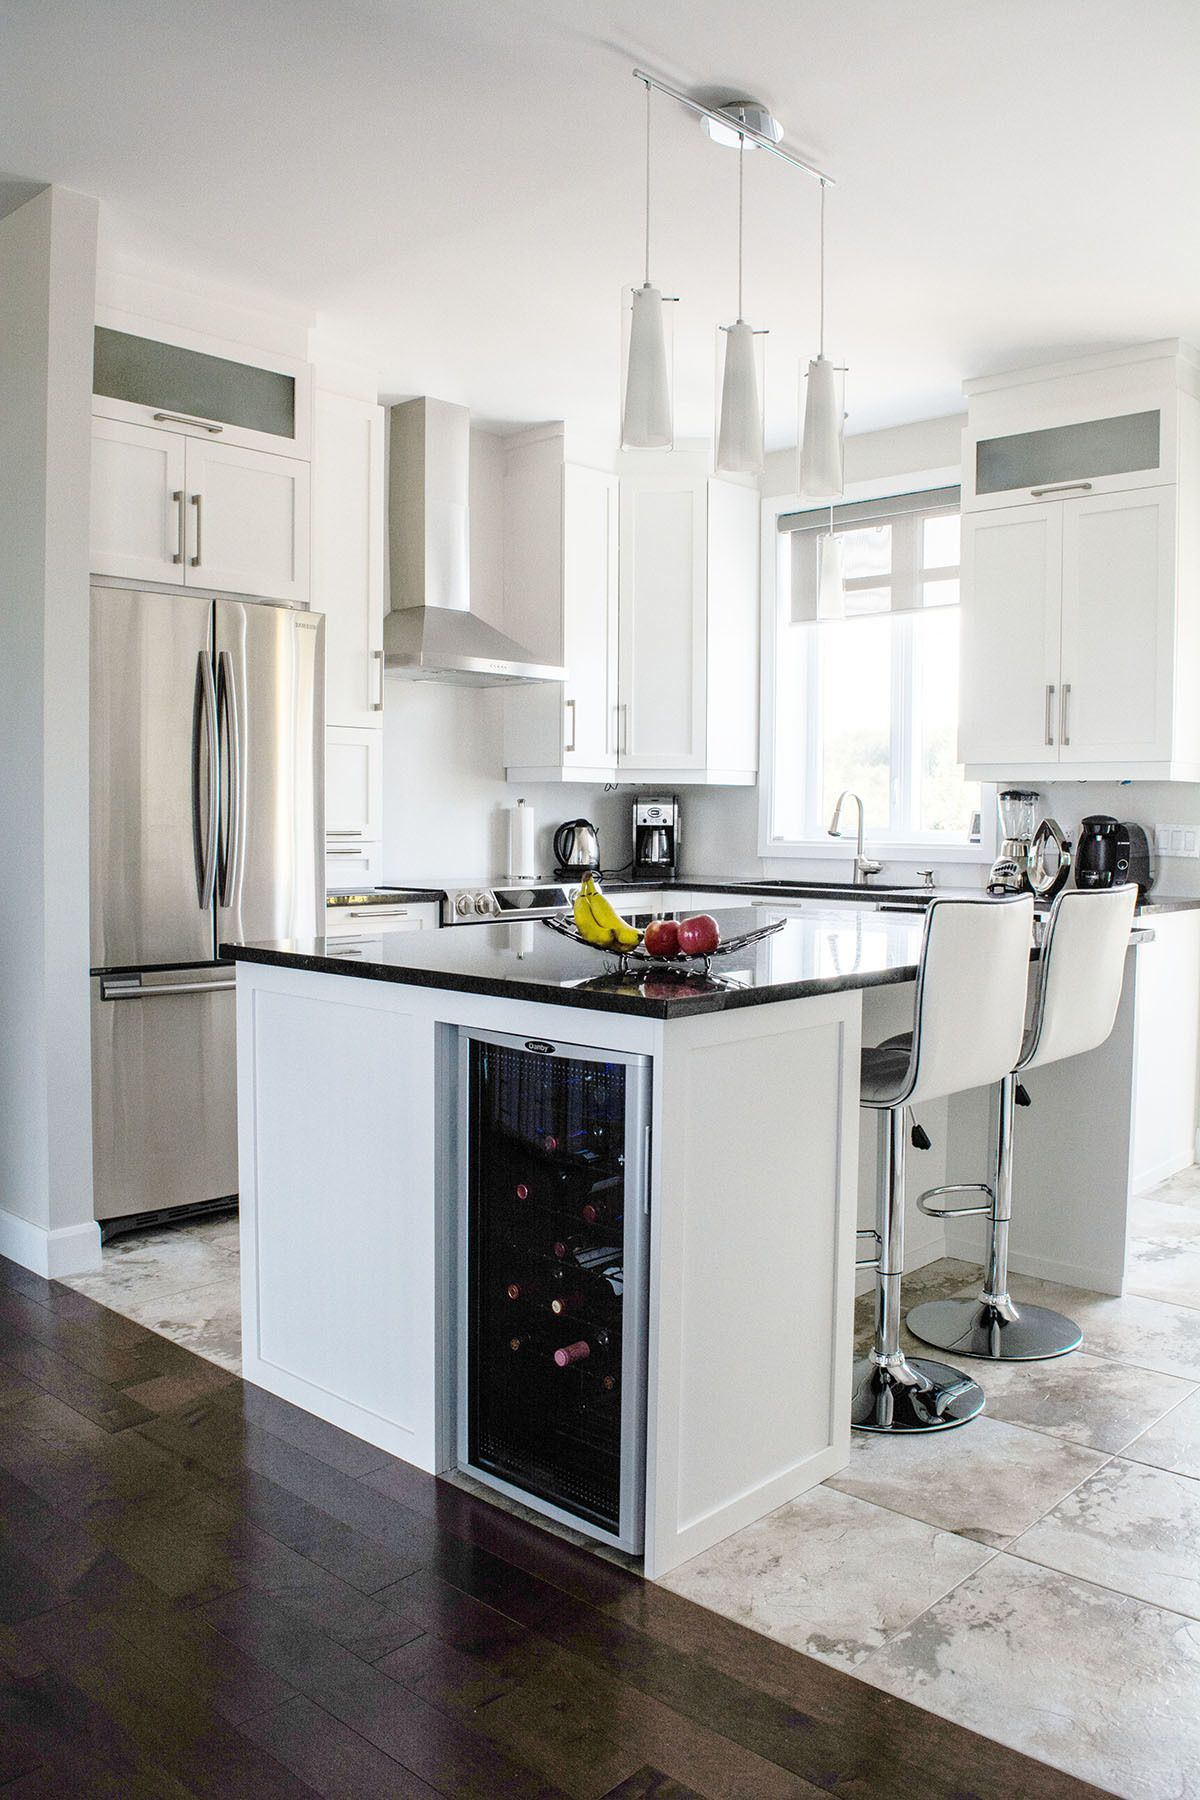 cuisine contemporaine avec panneaux d 39 armoires en. Black Bedroom Furniture Sets. Home Design Ideas